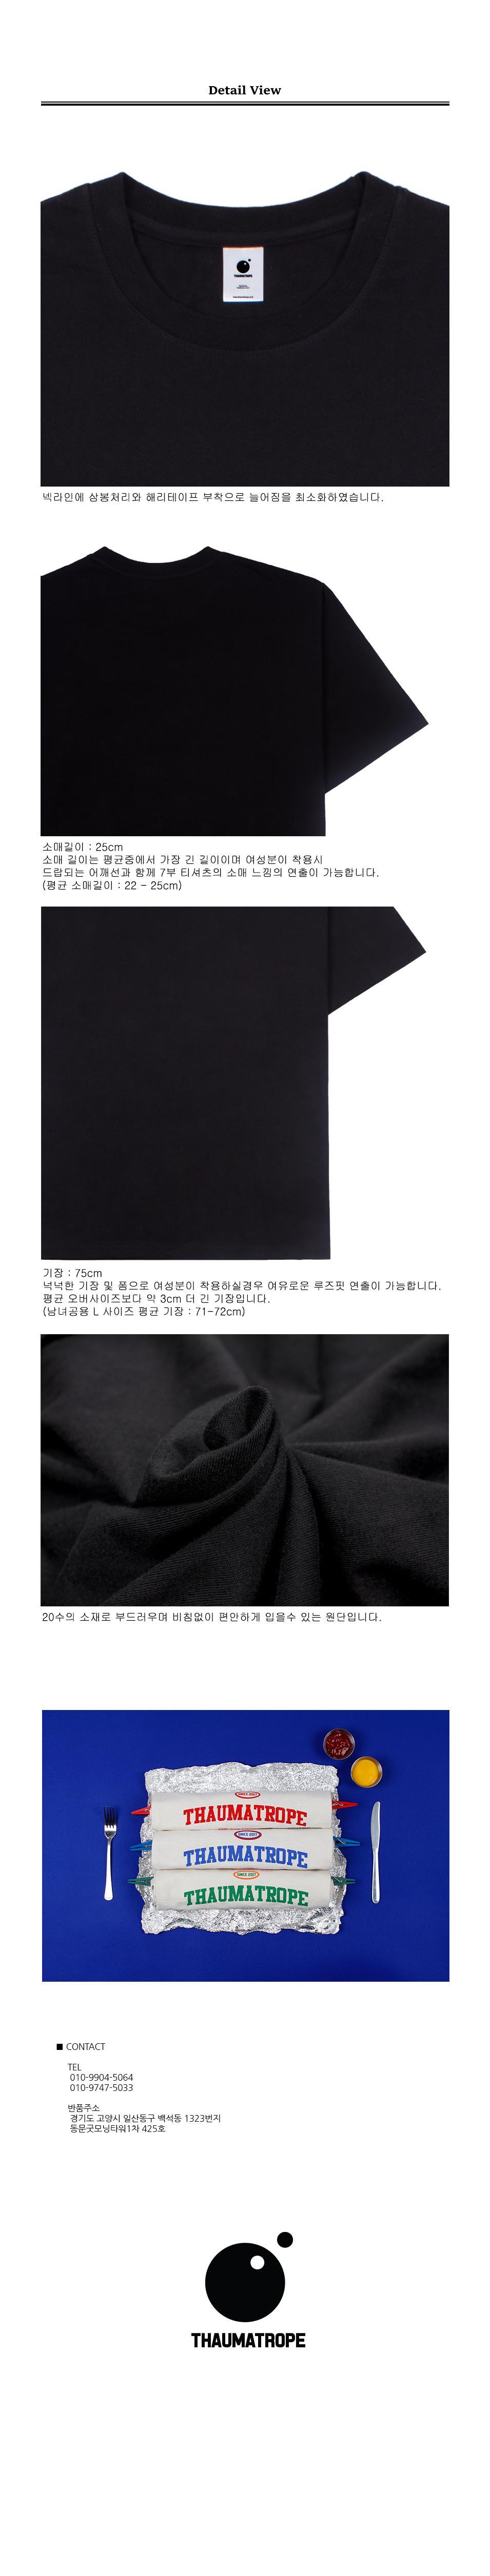 레이아웃-제작중-(18ss)-분할저장1-4.jpg